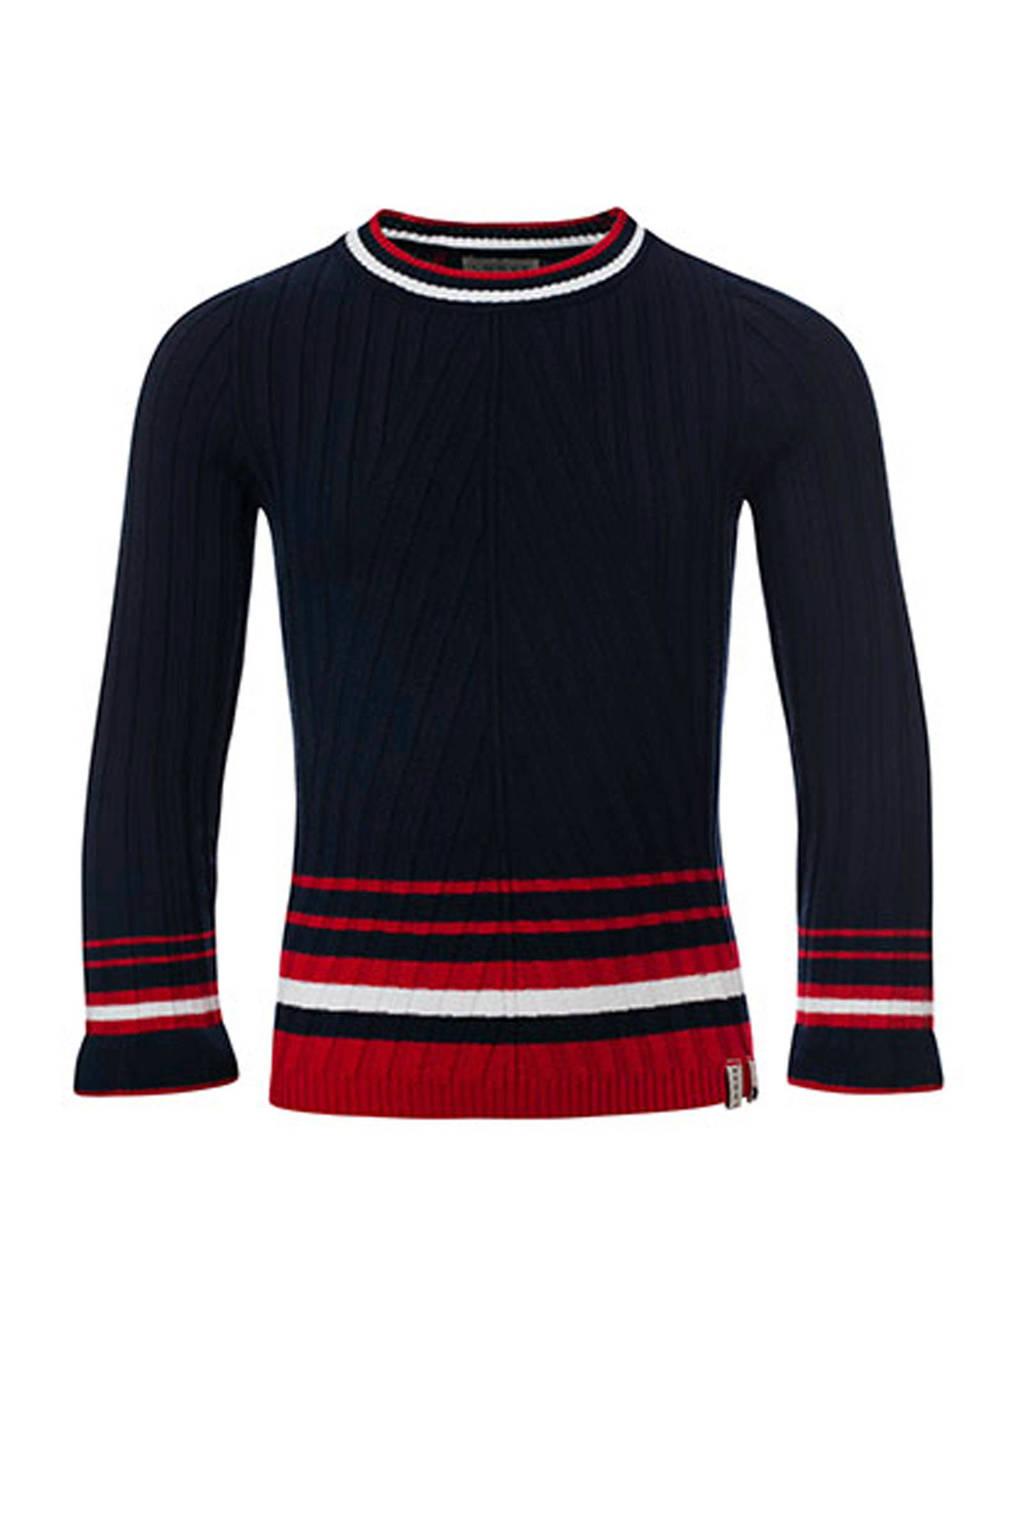 LOOXS gestreepte trui marine/ rood/ wit, Marine/ Rood/ Wit